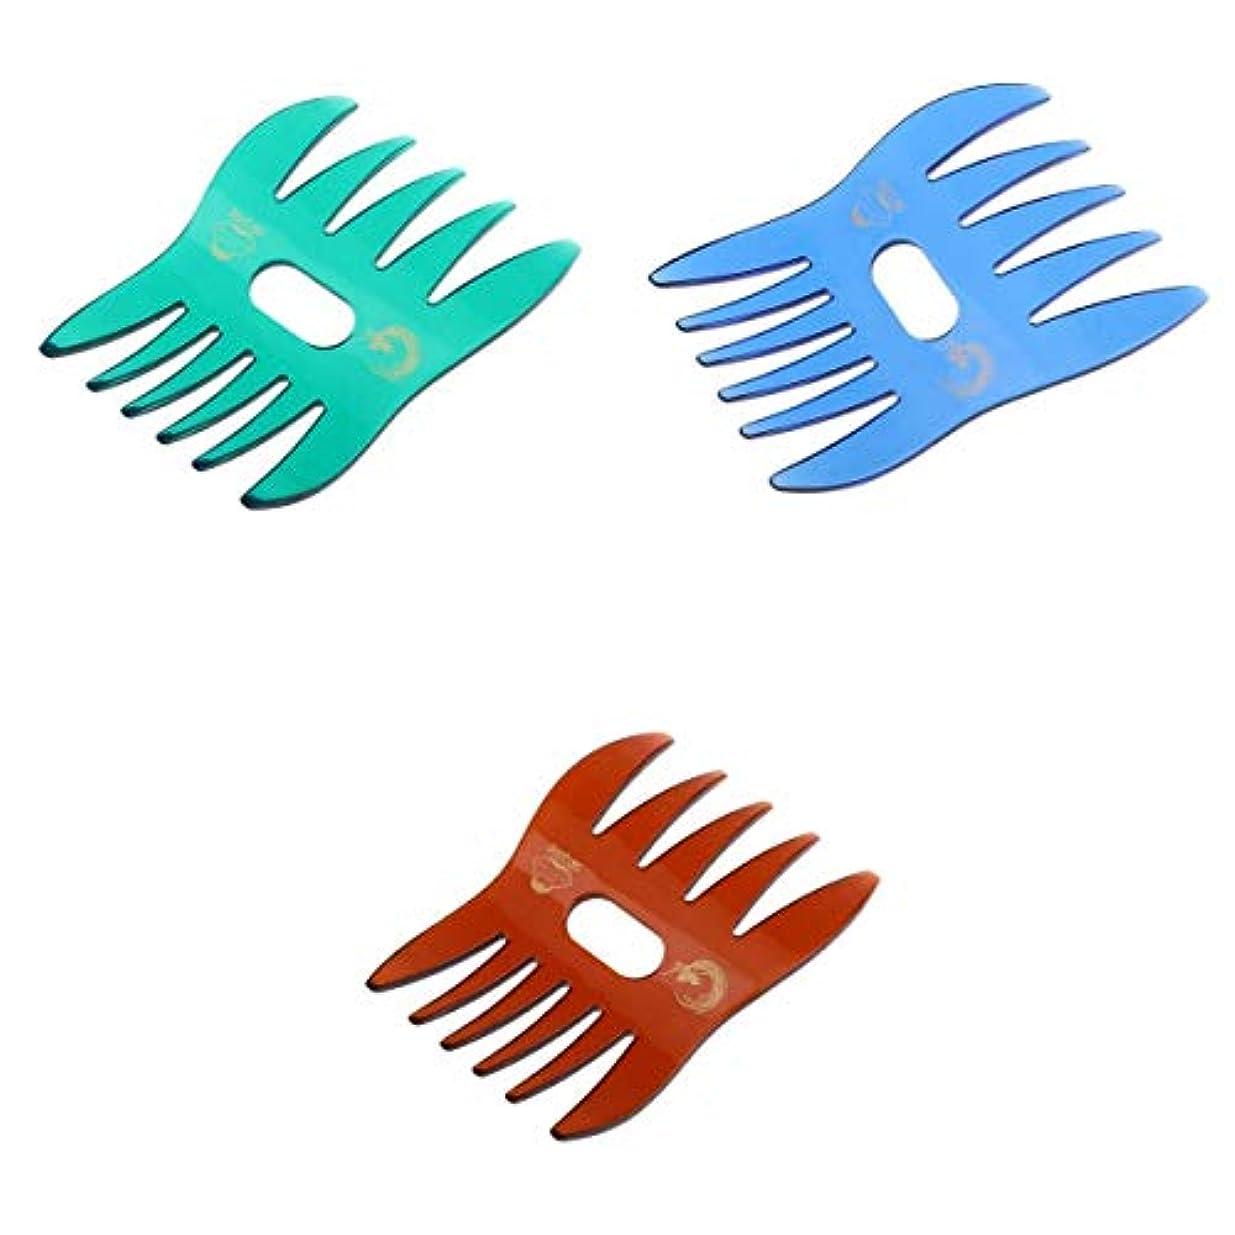 エンジニアリング謝る残酷な櫛 ヘアコーム コーム ヘア櫛 静電気防止 粗歯 頭皮マッサージ オイルヘアスタイル